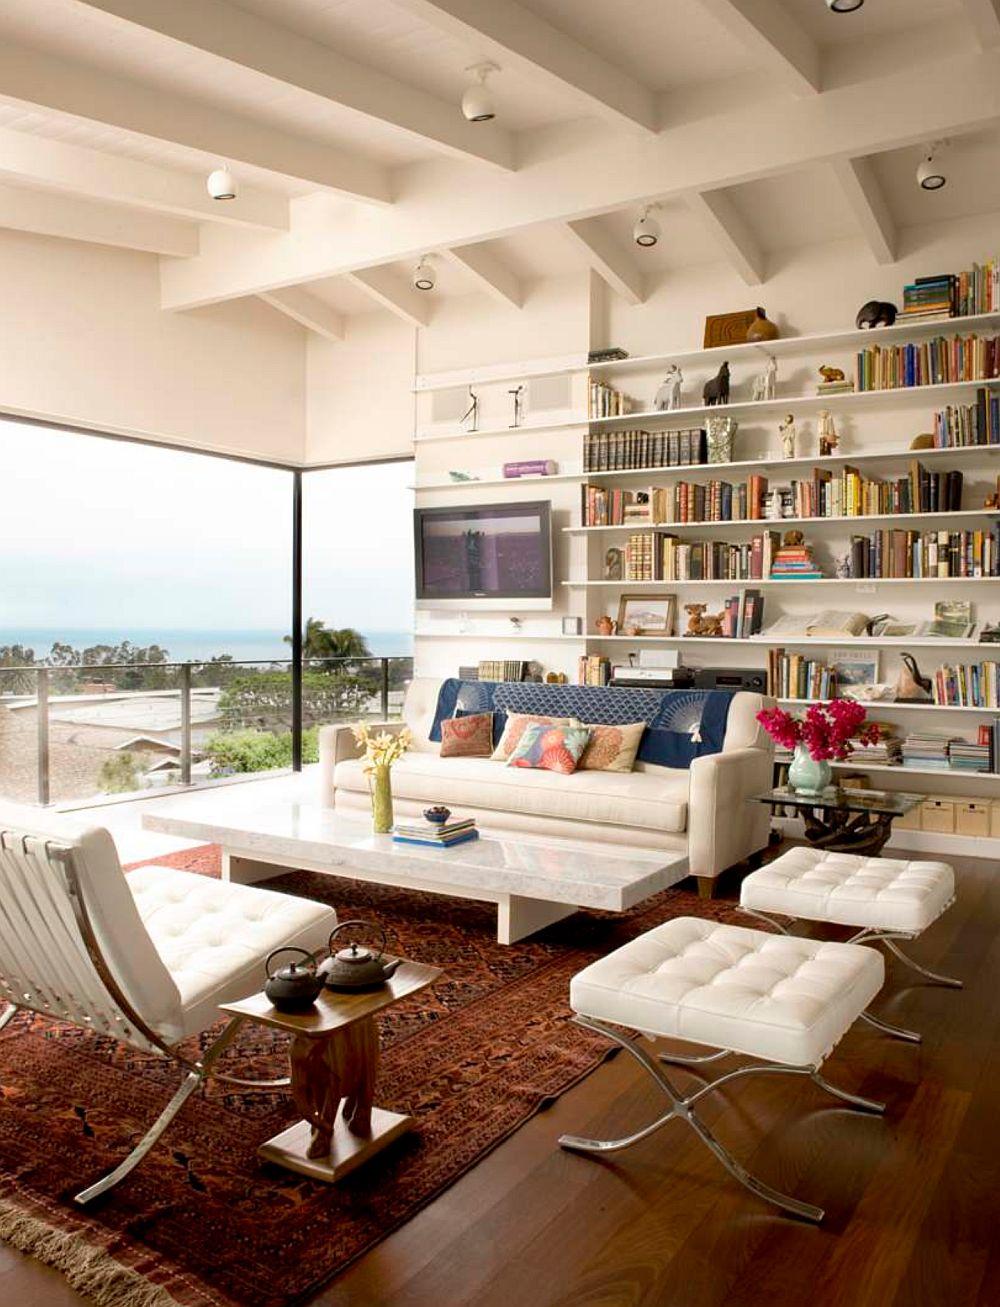 Ferestrele pot fi amplasate asimetric într-un spațiu, așa că și biblioteca poate fi gândită cu un desen asimetric. În cazul de față prezența brnelor de la nivelul tavanului, fereastra pe colț au provocat arhitecții să găsească o soluție simplă și de efect: rafturi orizontale și nu o împărțire a bibliotecii pe verticală pentru că sigur nu s-ar fi putut coordona perfect cu bîrnele din lemn. Locul de tv? Într-un capăt convenabil al bibliotecii.